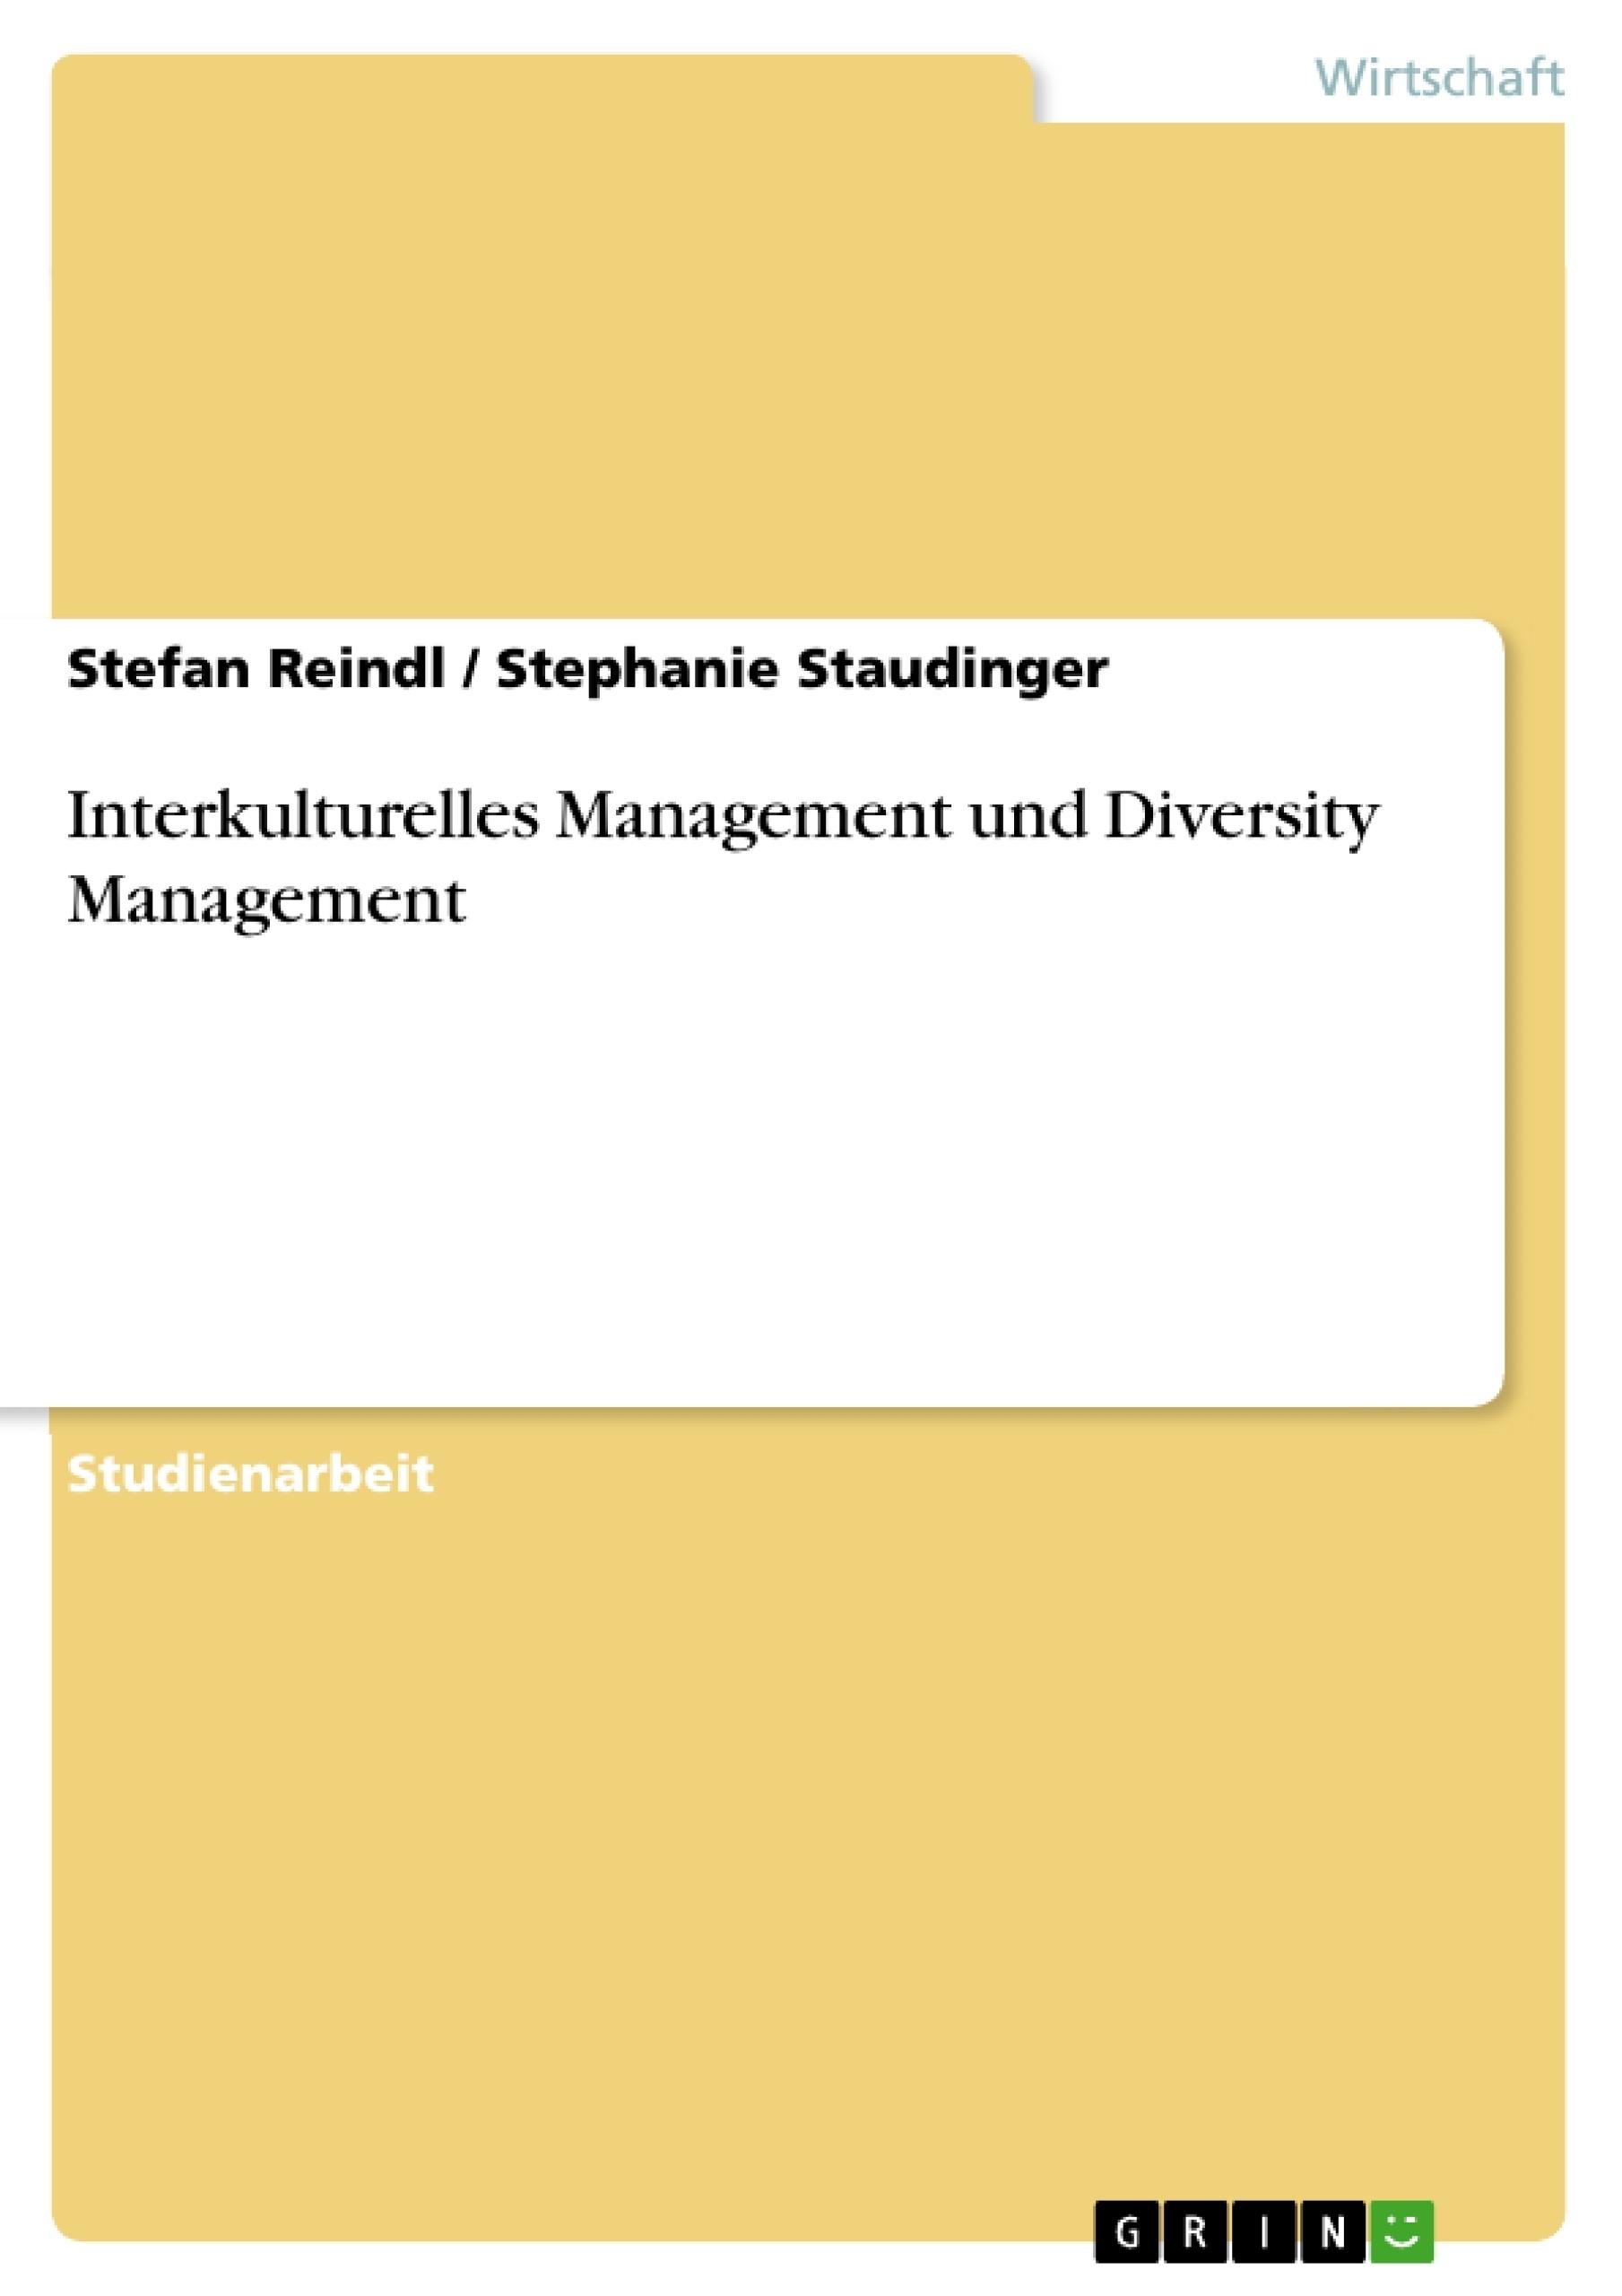 Titel: Interkulturelles Management und Diversity Management